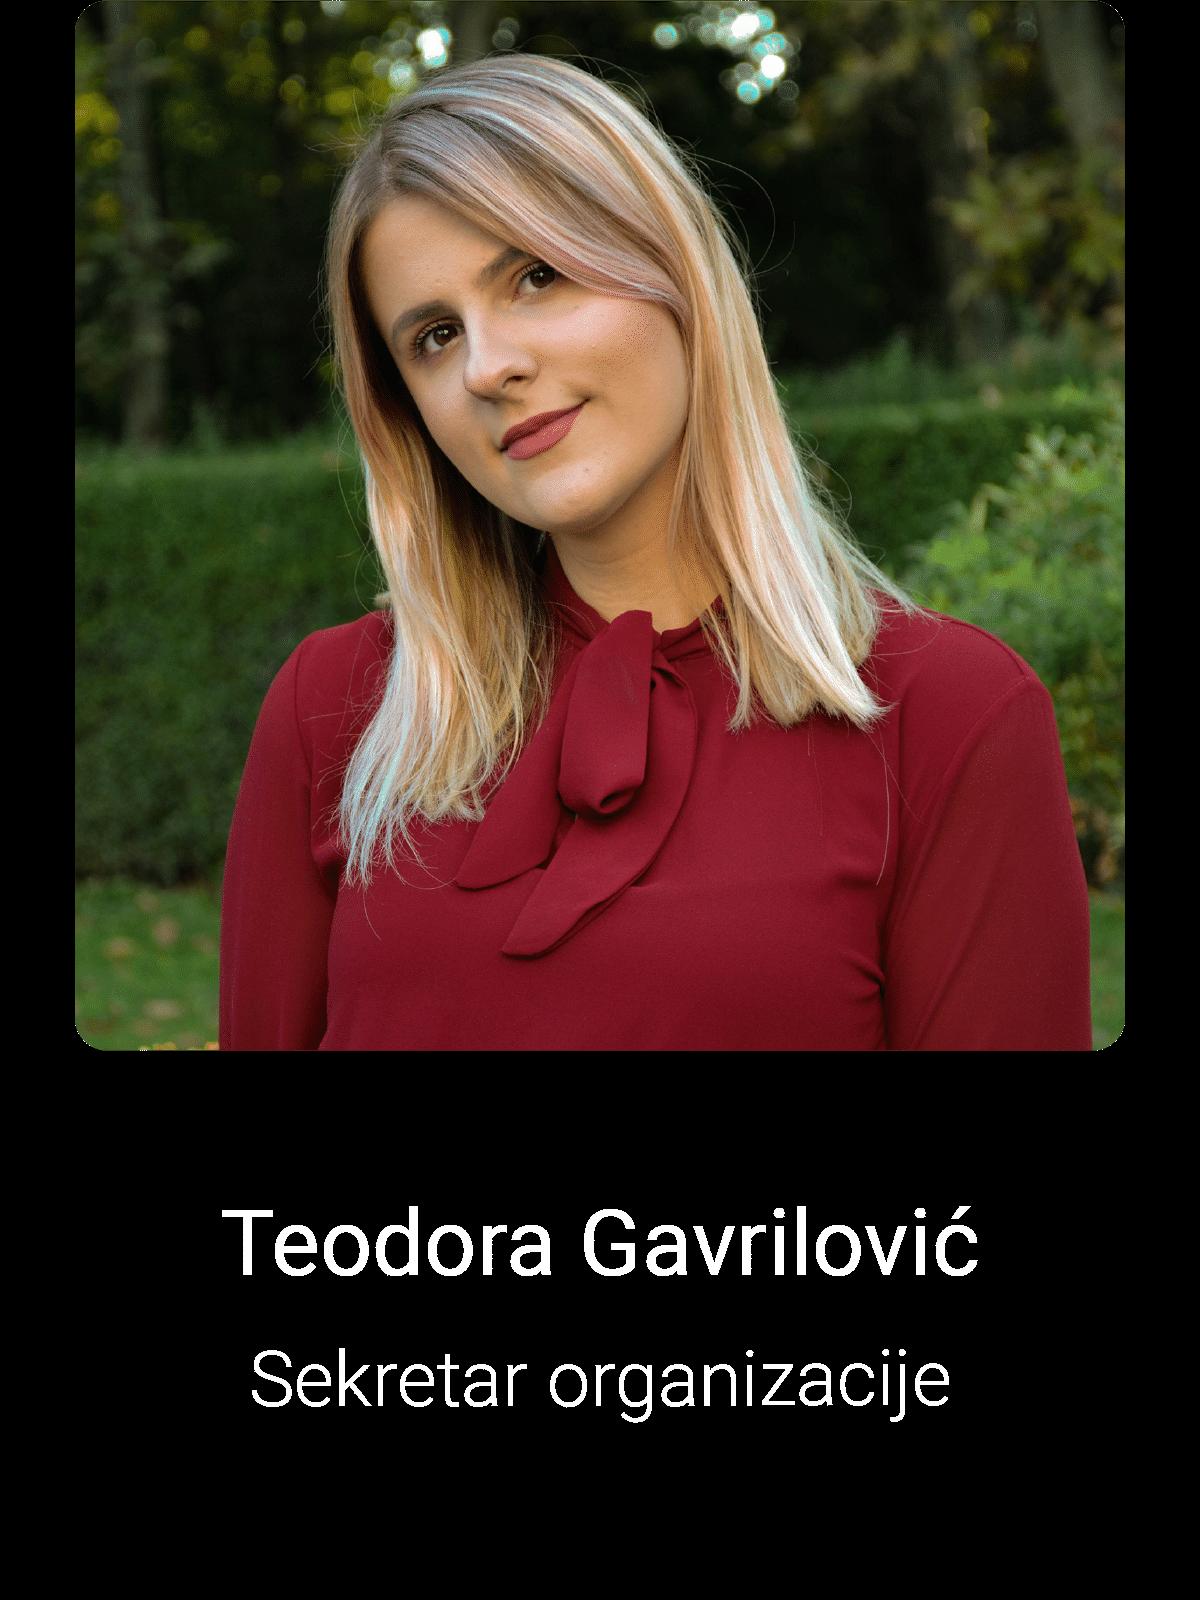 teodora-gavrilovic